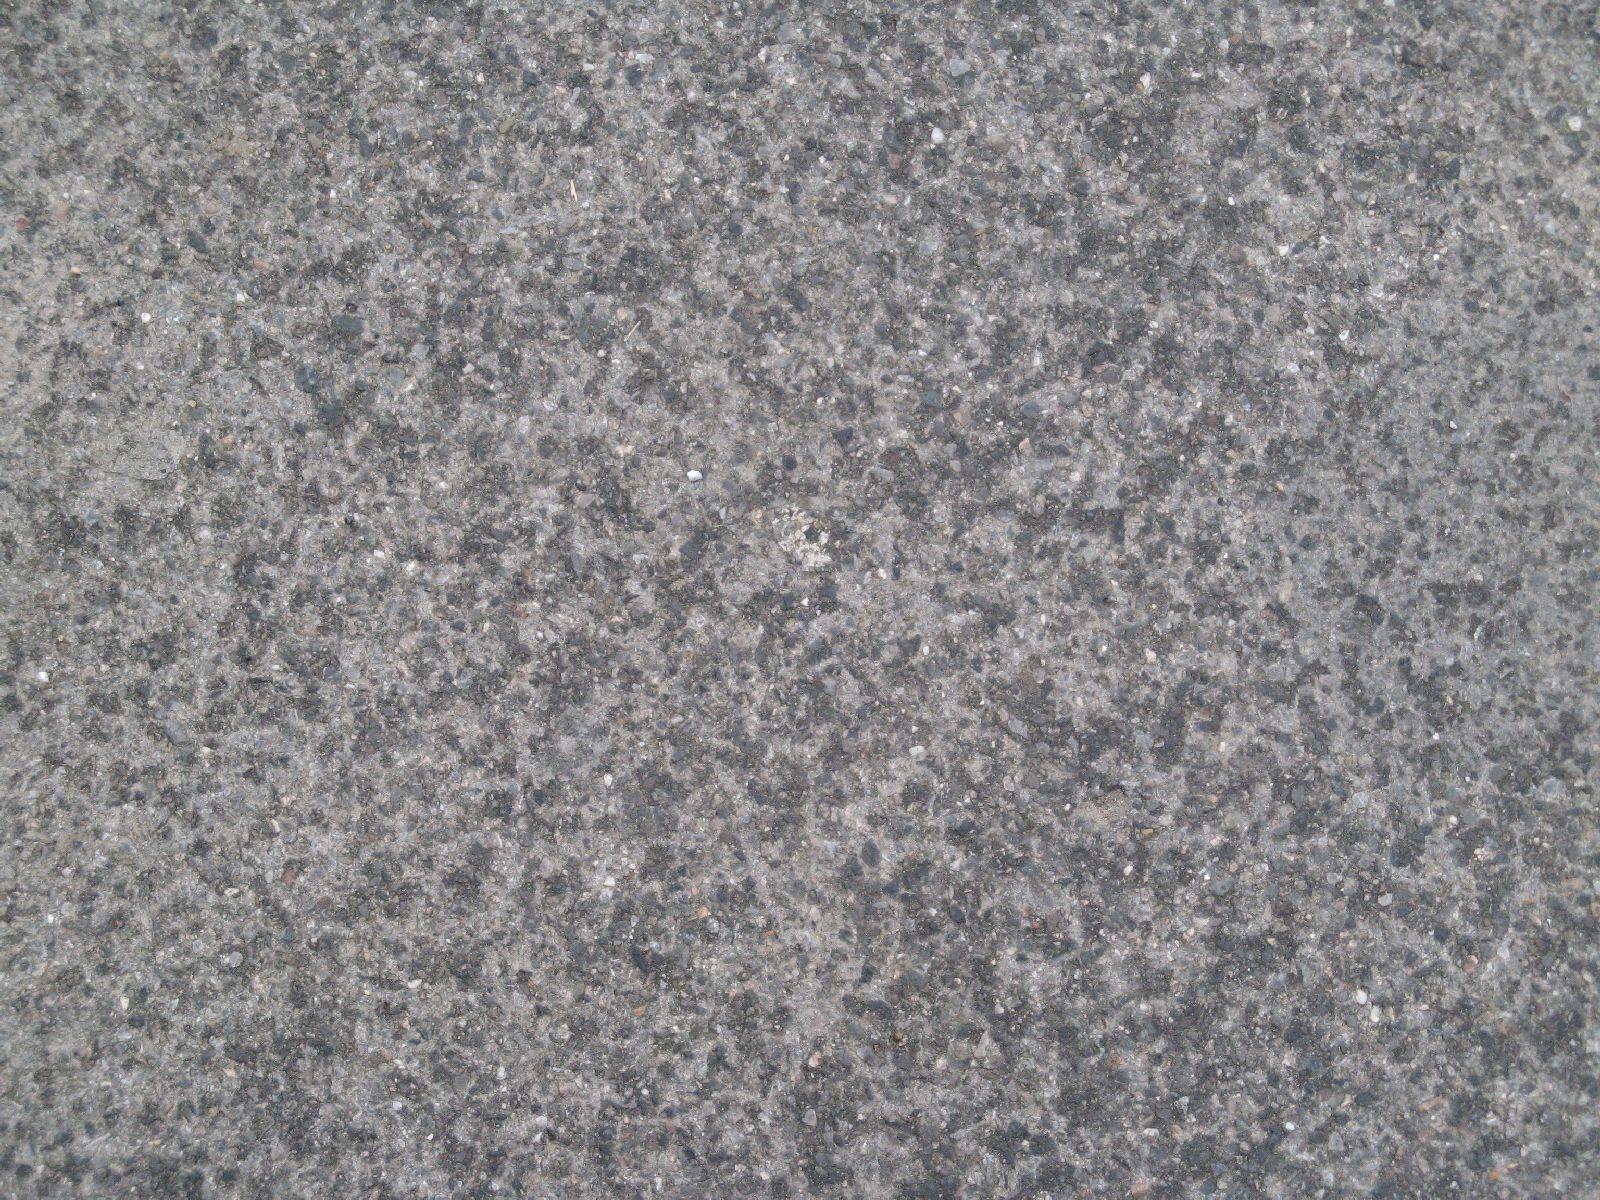 Ground-Urban_Texture_B_5775